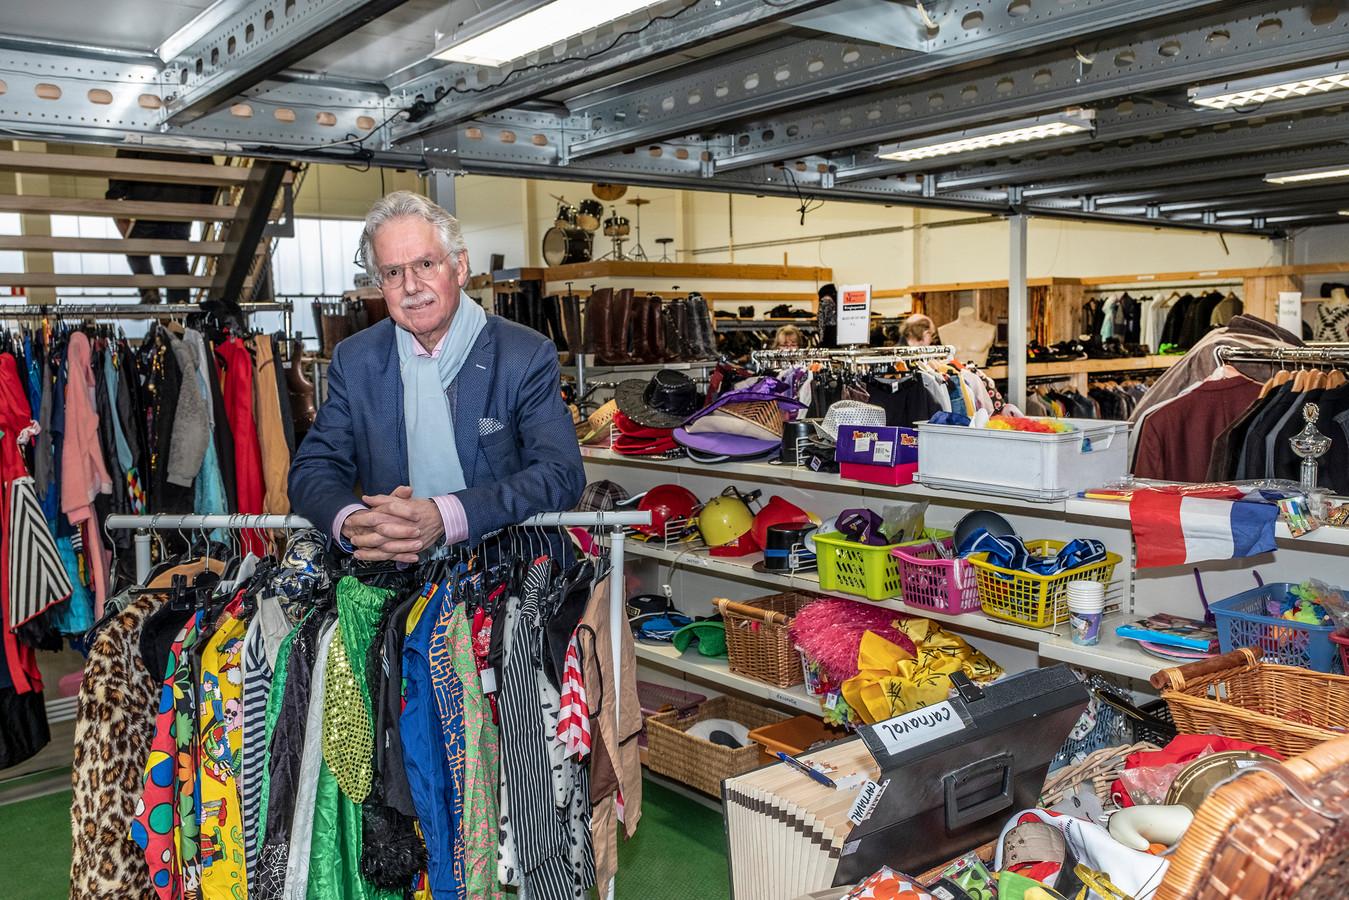 Ferdinand van Wijk uit Malden is een van de mensen van de Sesam Academie. Van Wijk adviseert de kringloopwinkel in Heumen.